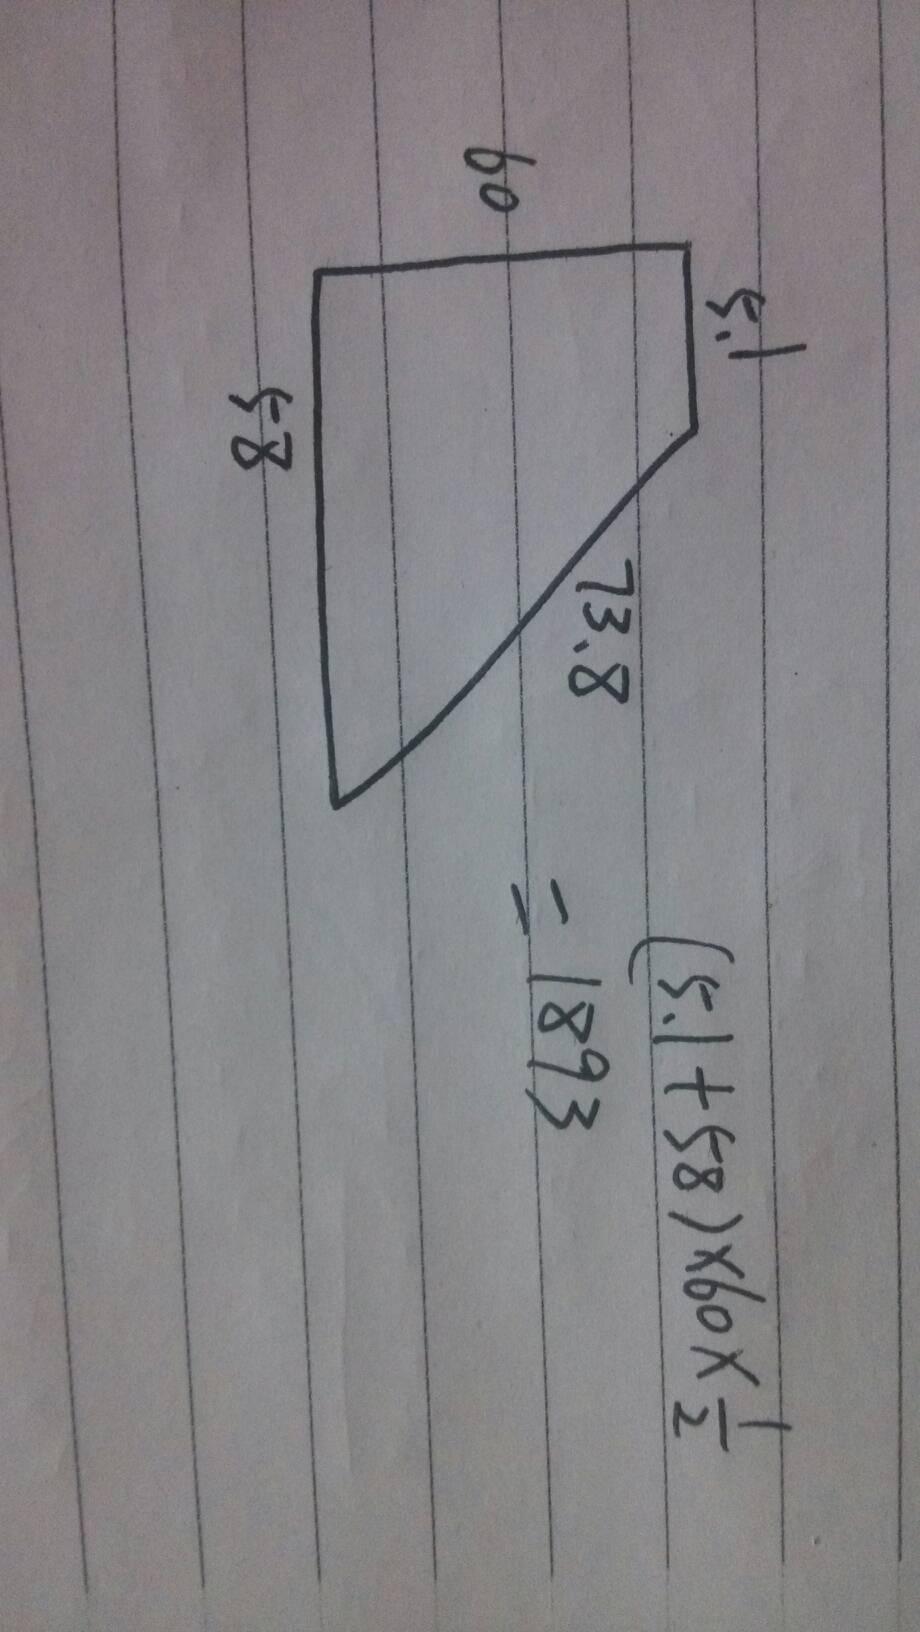 直角梯形计算面积:宽5.1米宽58米长73.8米长60米图片